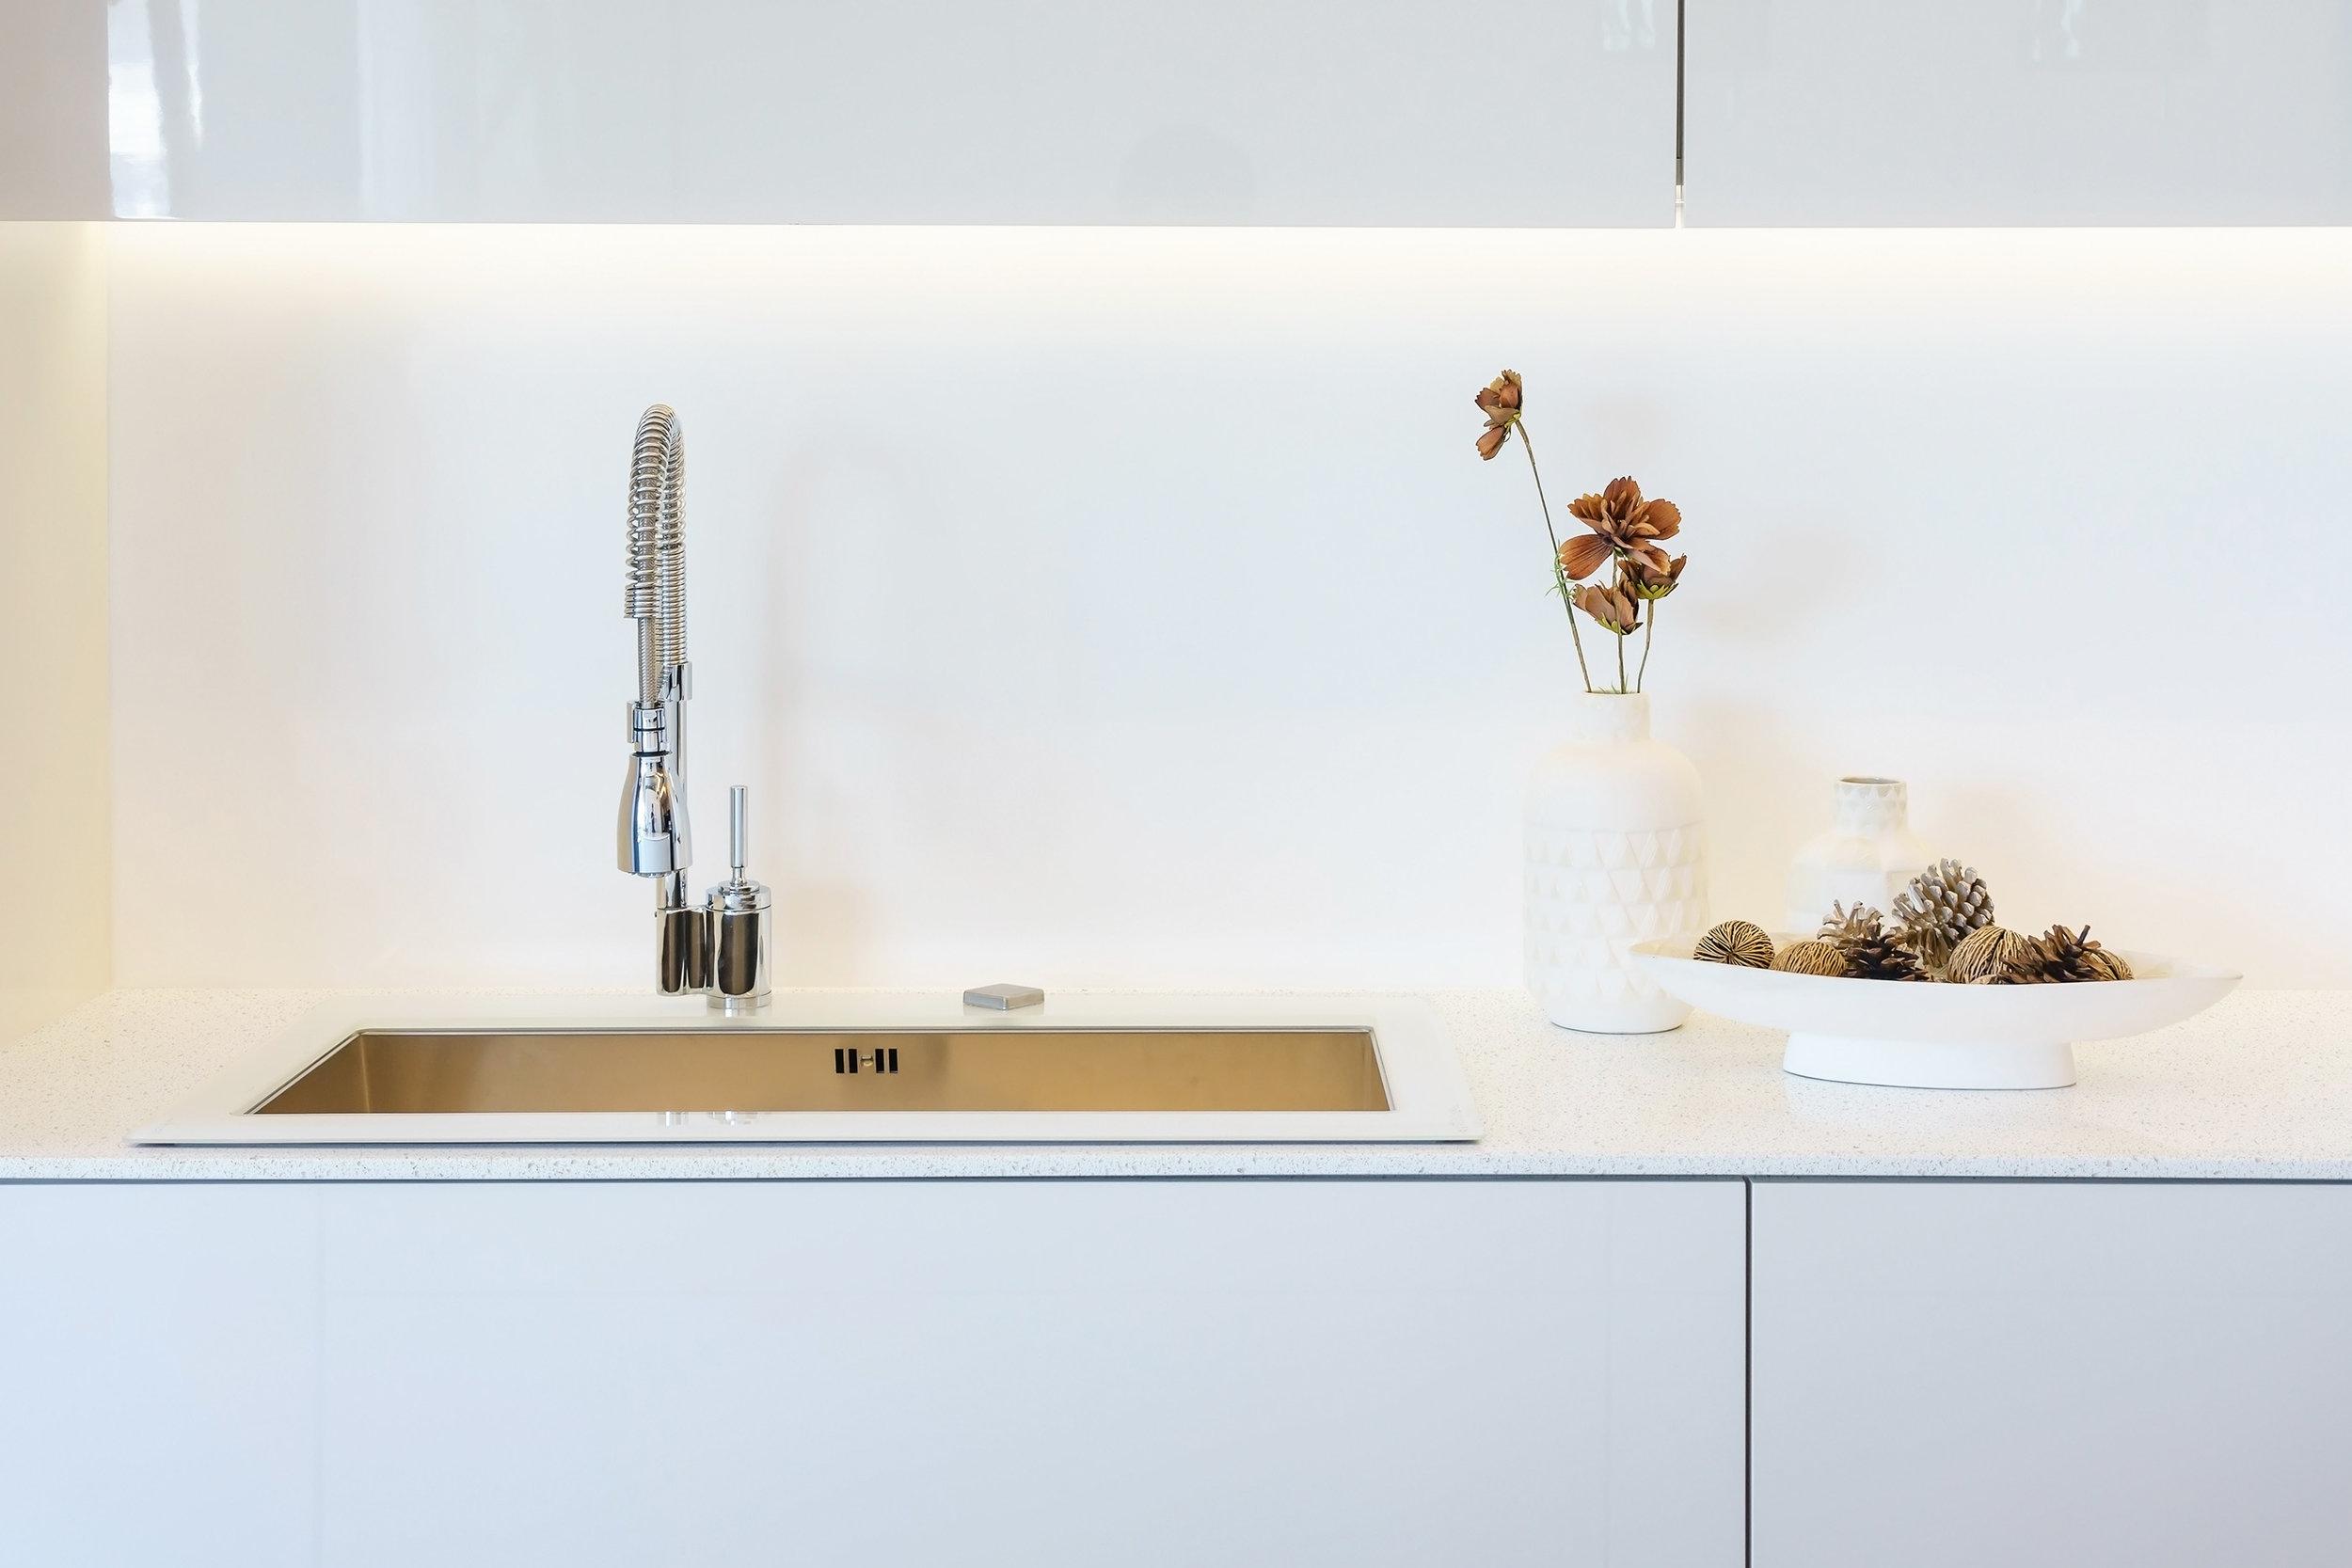 CQ712 Cotton White Countertop